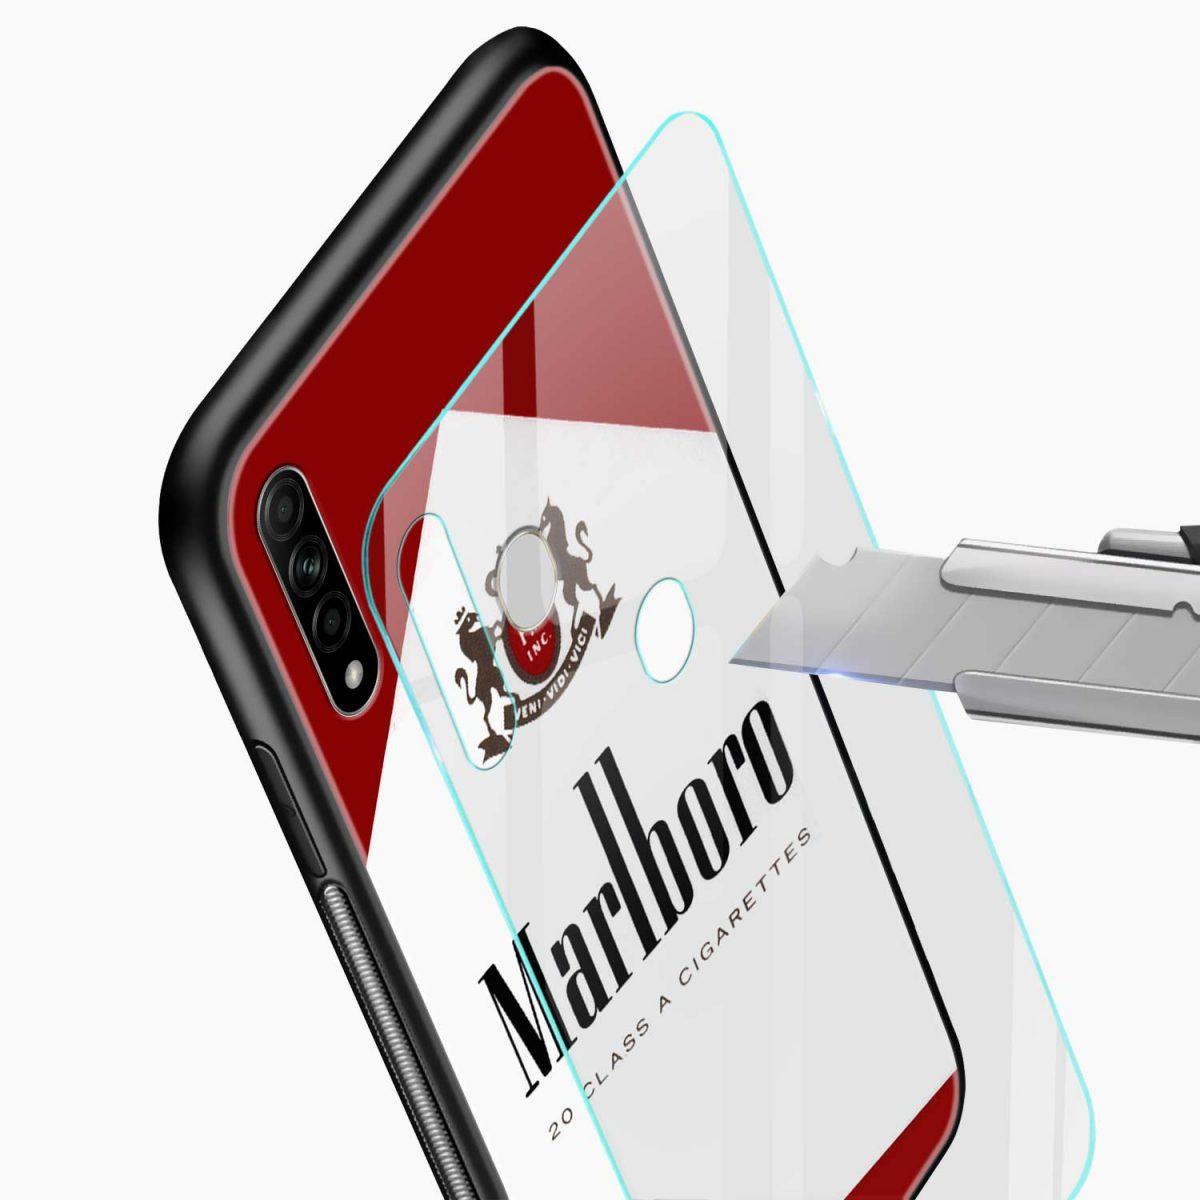 marlboro cigarette box glass view oppo a31 back cover